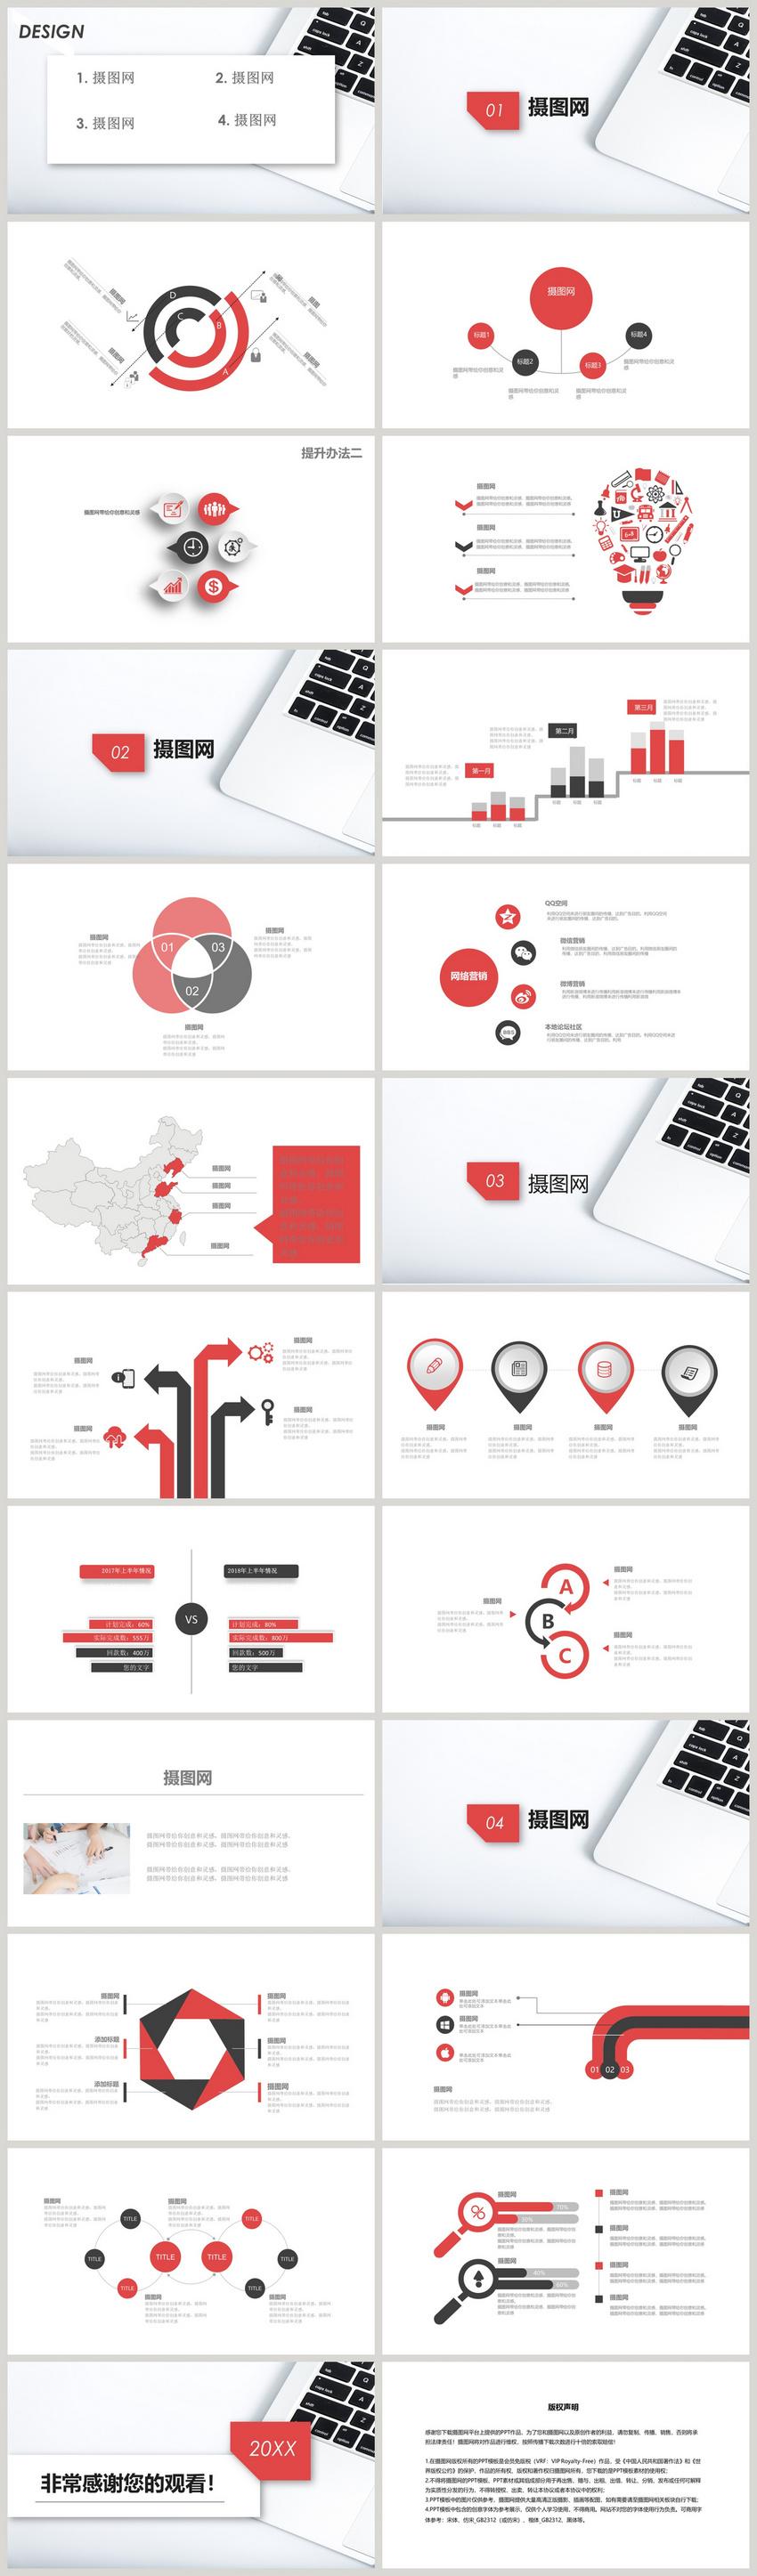 2018简约商务规划PPT模板图片